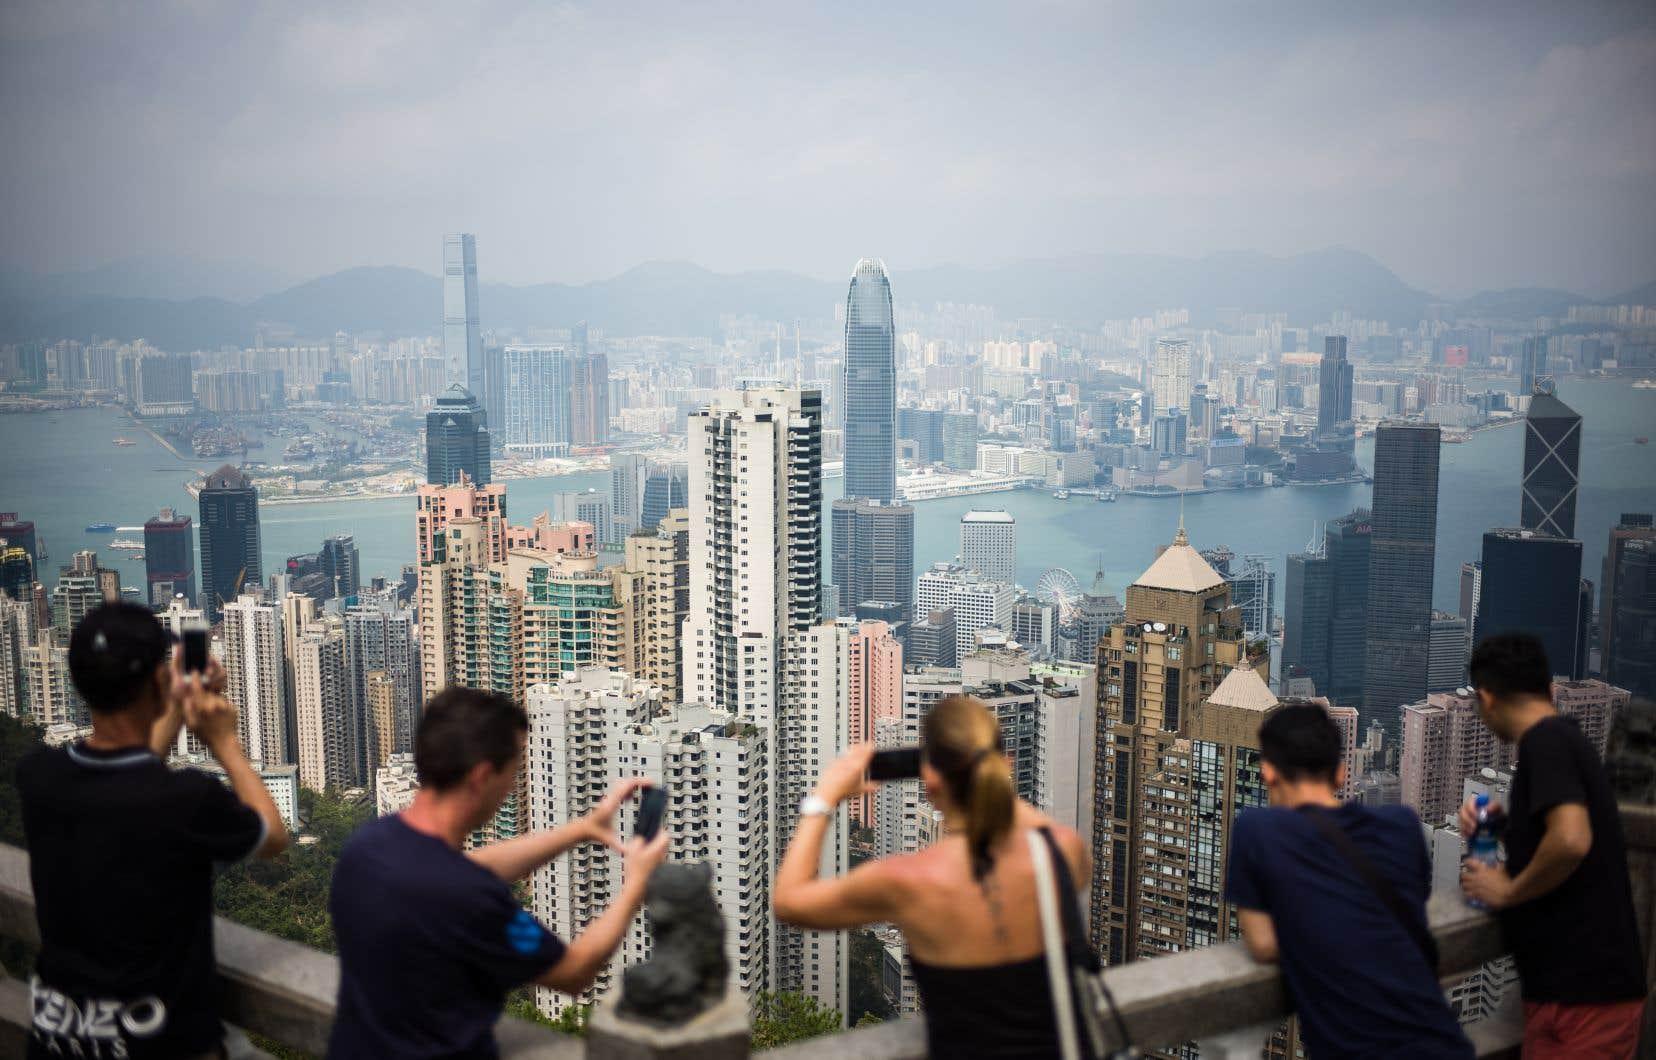 La plus grande partie de l'expansion soutenue des voyages et du tourisme, qui dépasse la croissance de l'économie mondiale depuis huit ans, se concentre dans la région Asie-Pacifique.